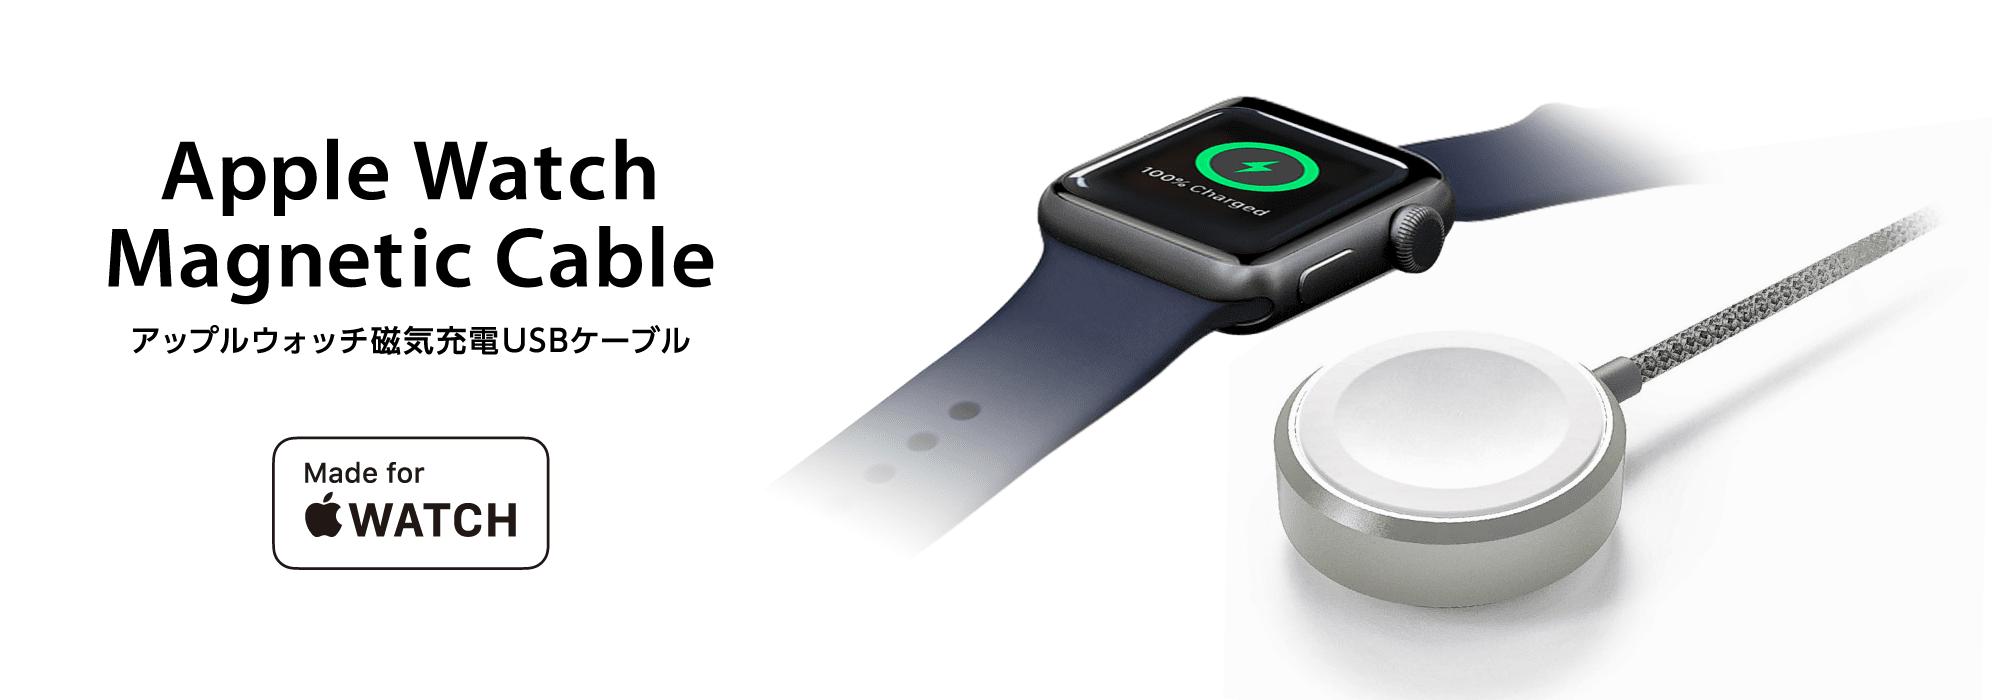 アップルウォッチ磁器充電USBケーブル